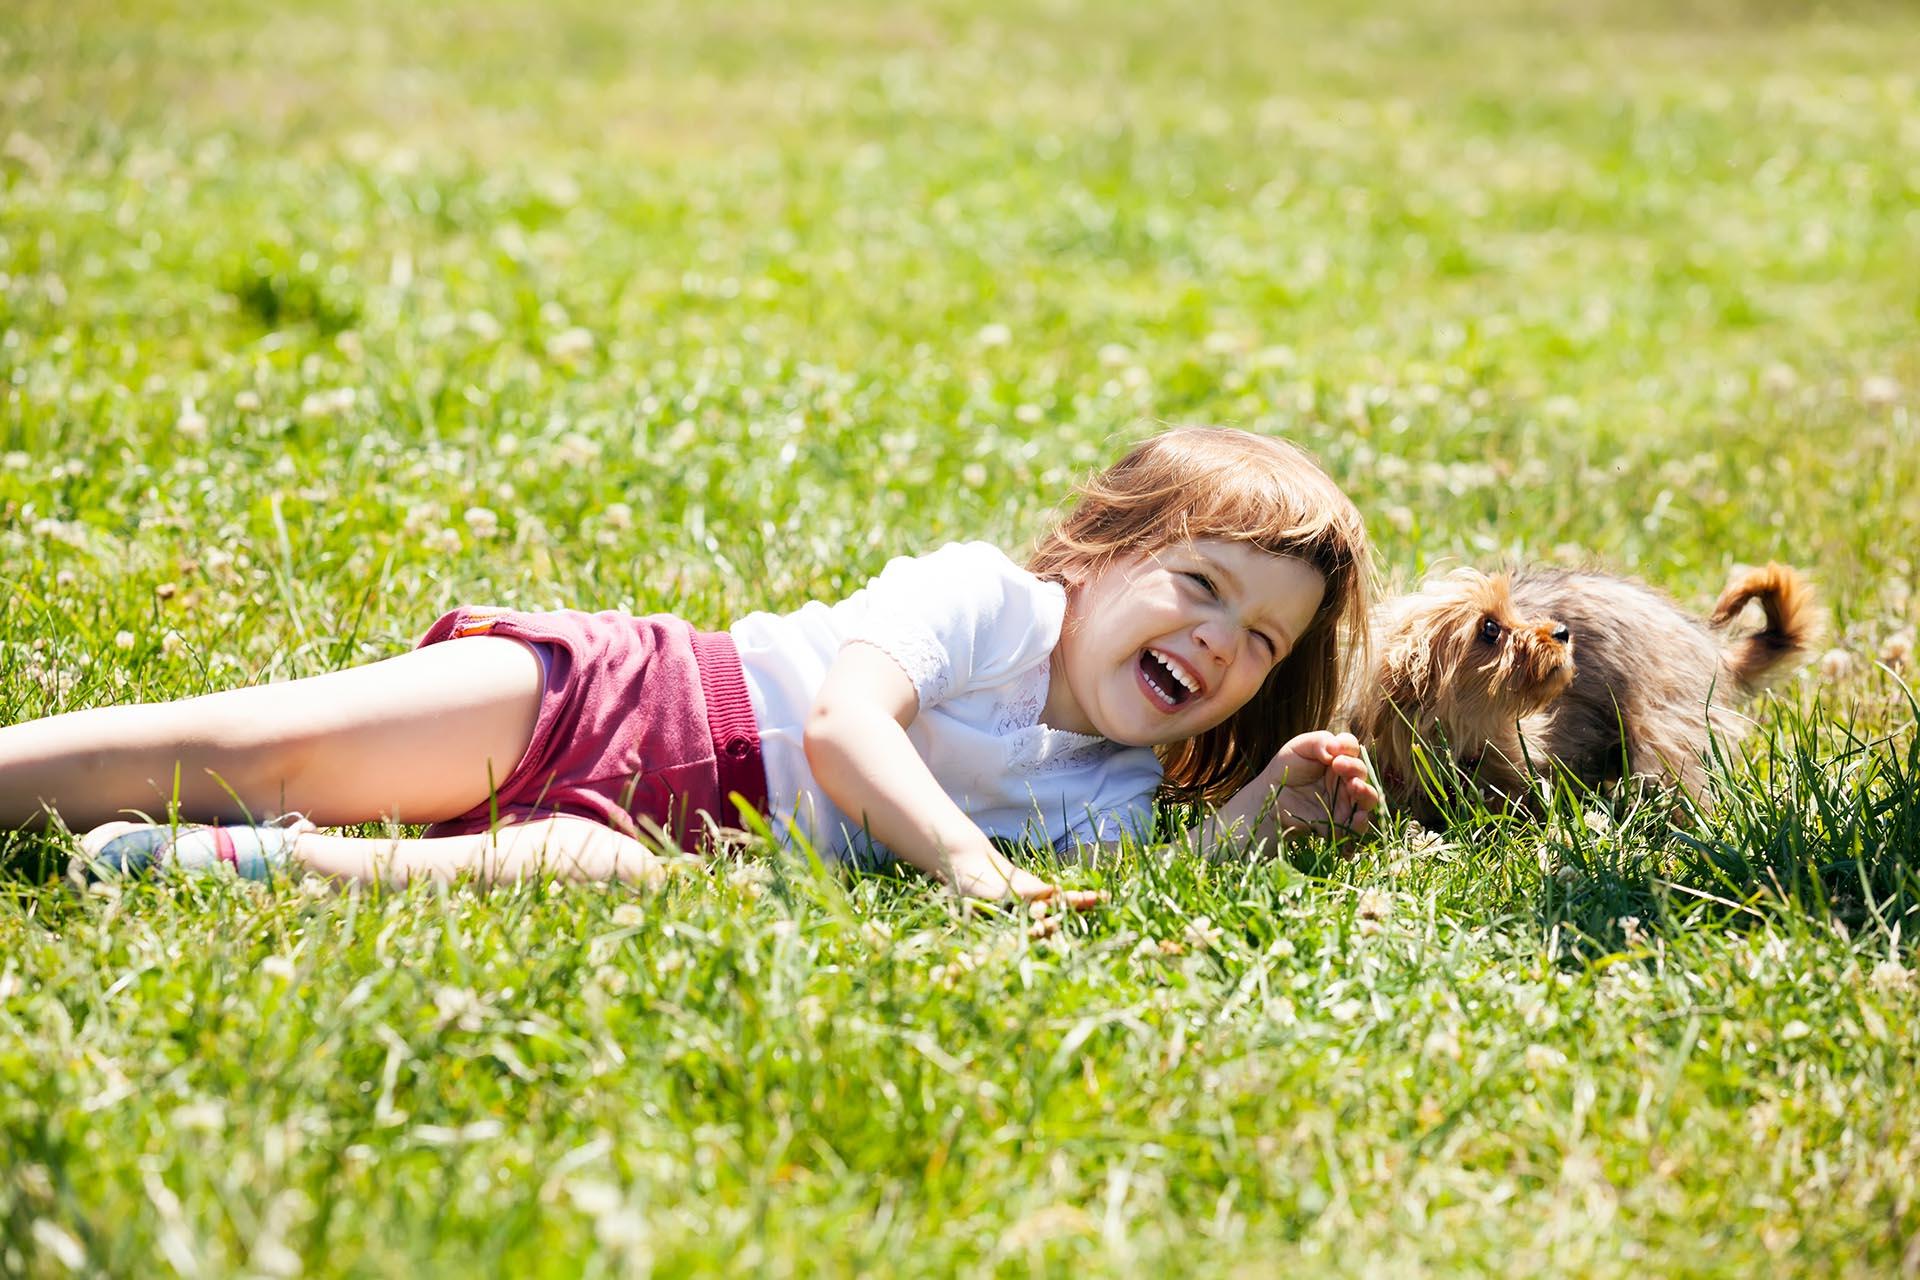 Dziewcznyka-lezaca-na-trawie-z-malym-psem